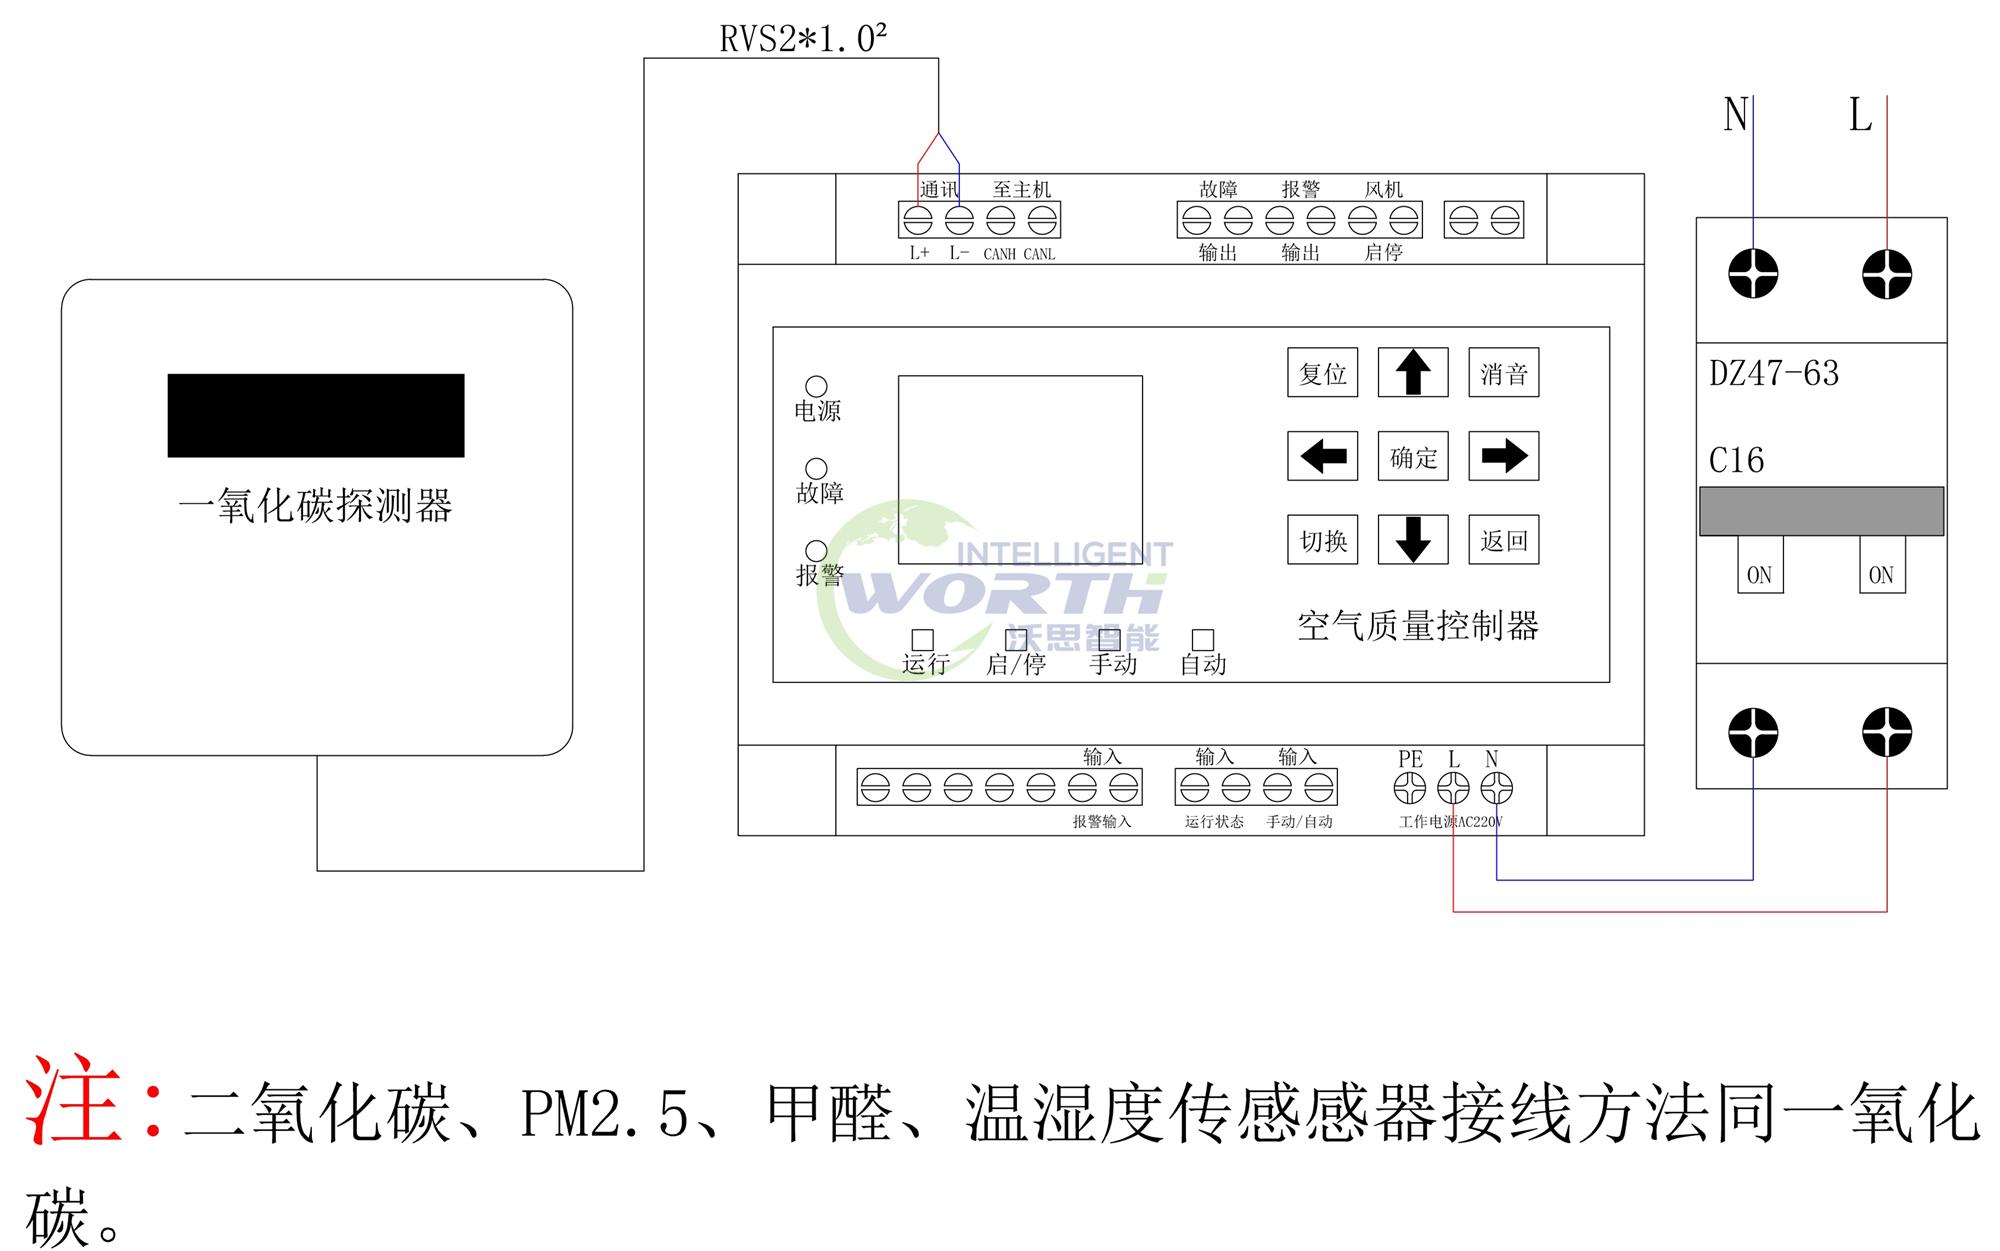 空气质量监控系统-CO浓度监控系统